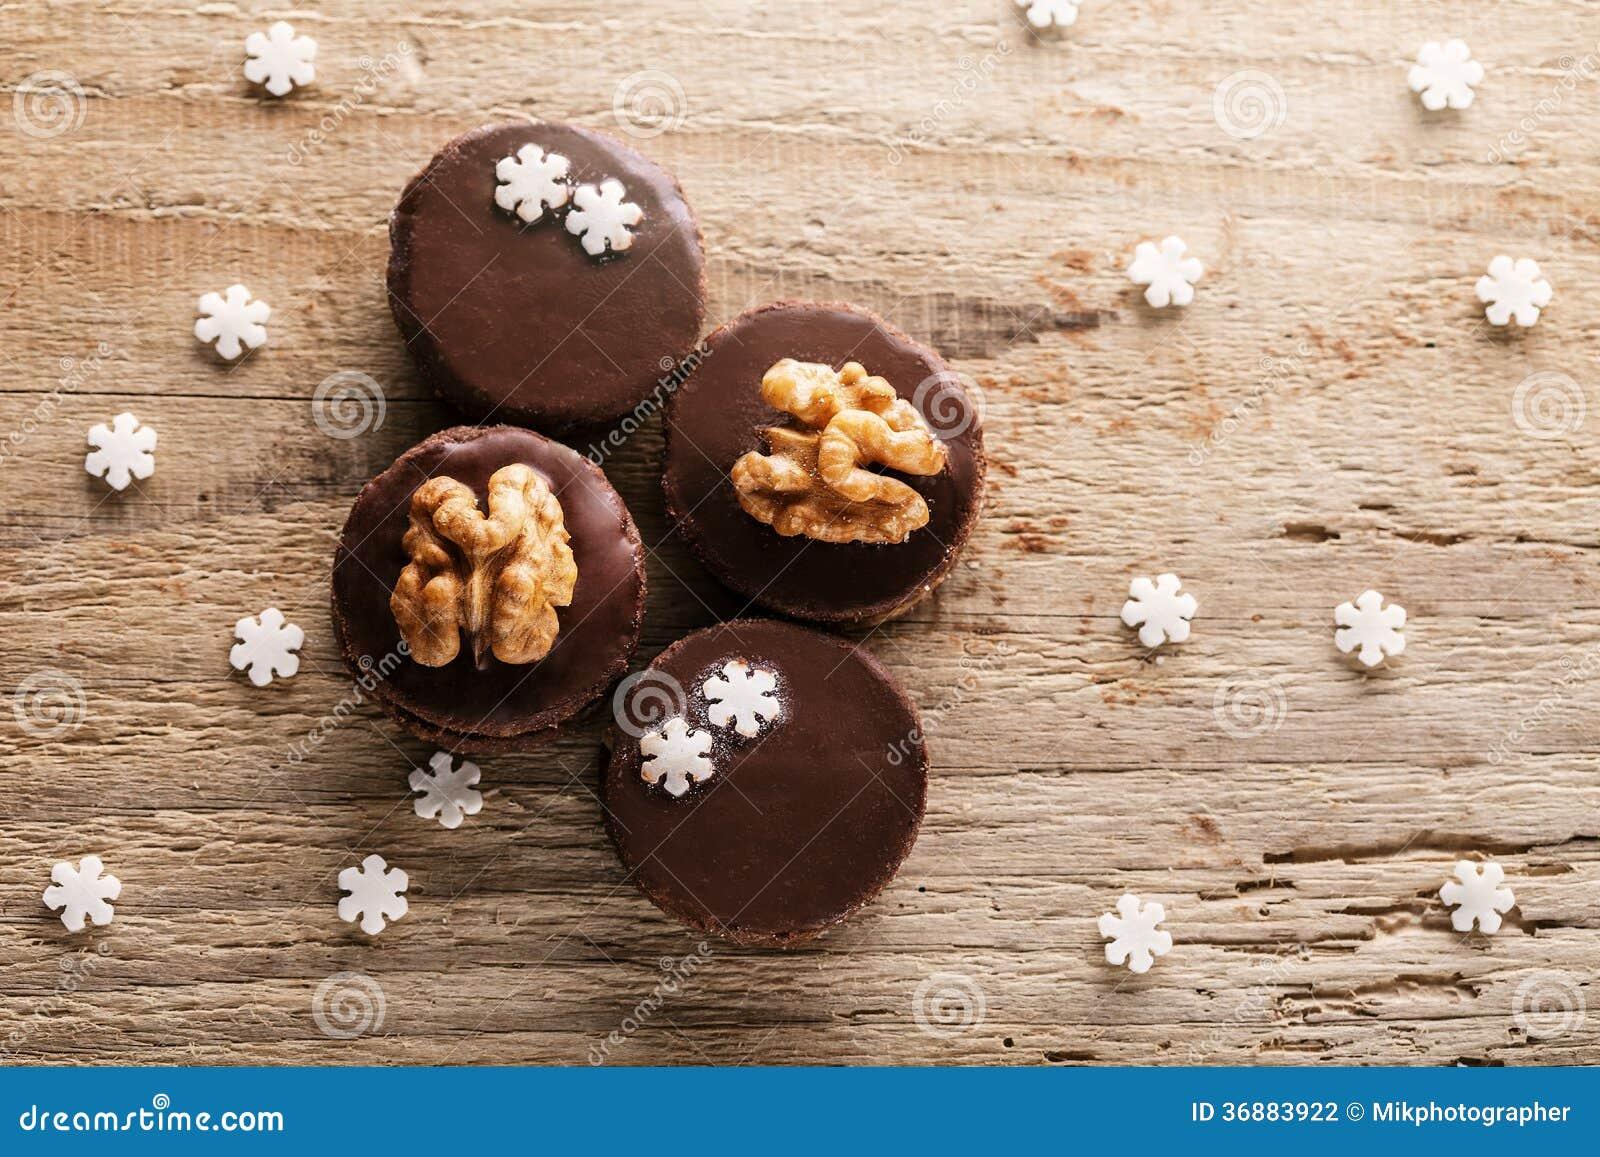 Download Biscotti di Natale fotografia stock. Immagine di confezione - 36883922